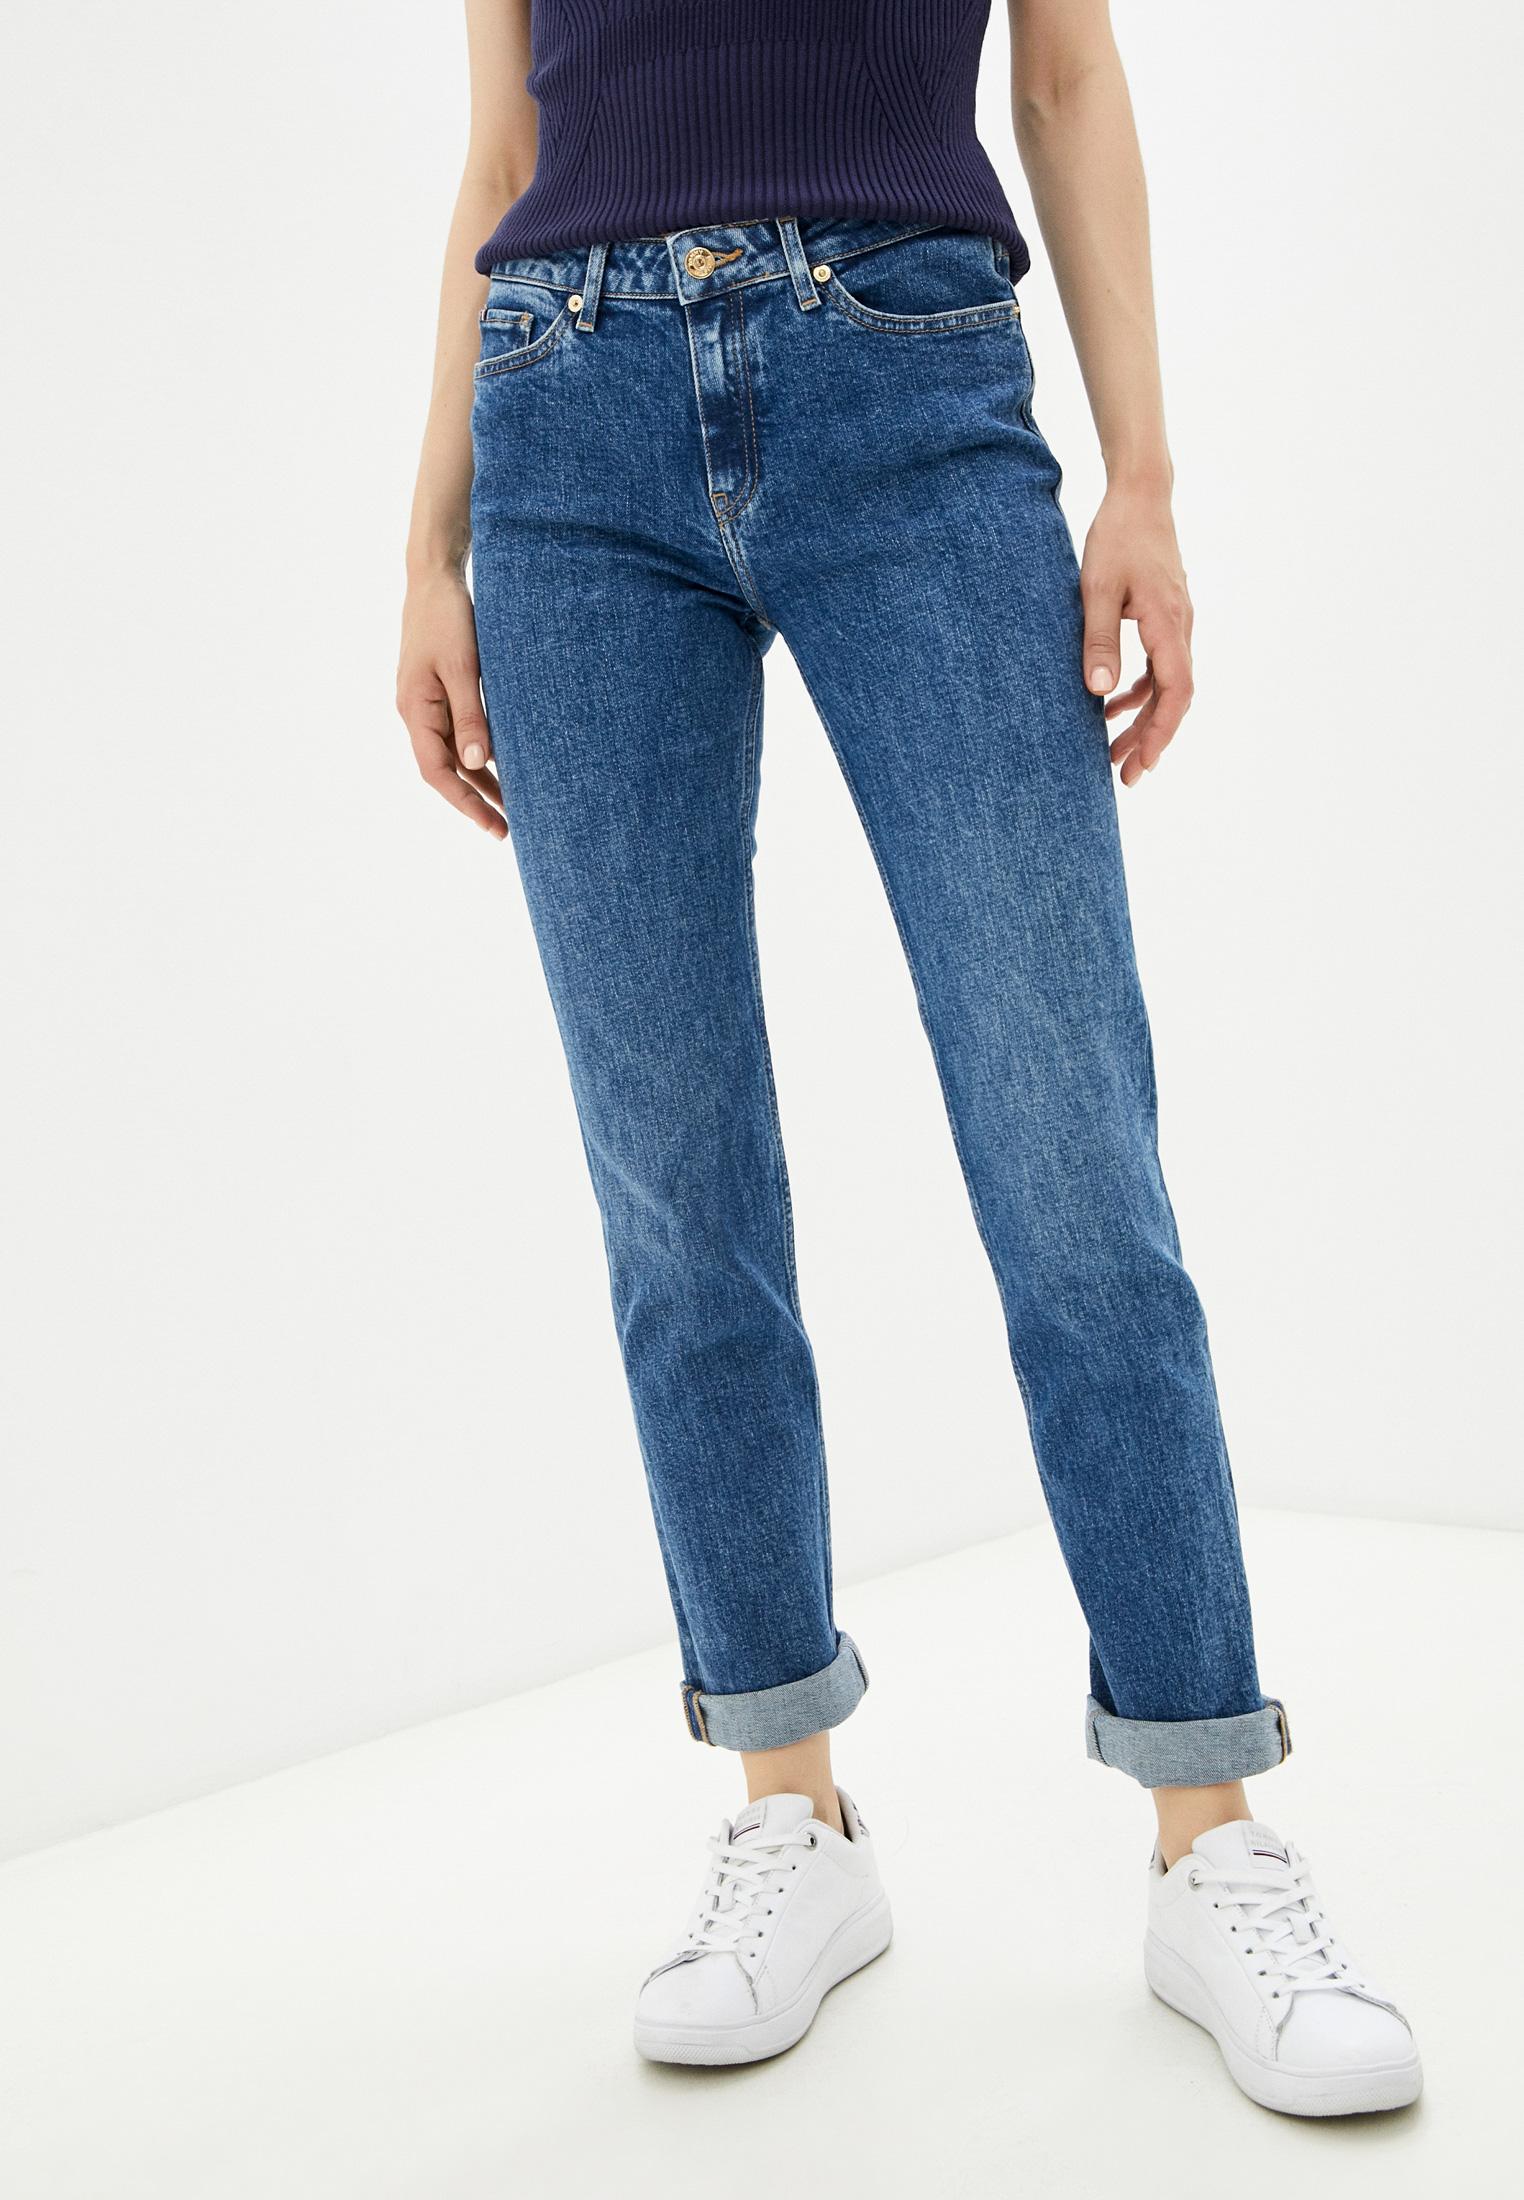 Прямые джинсы Tommy Hilfiger (Томми Хилфигер) WW0WW30968